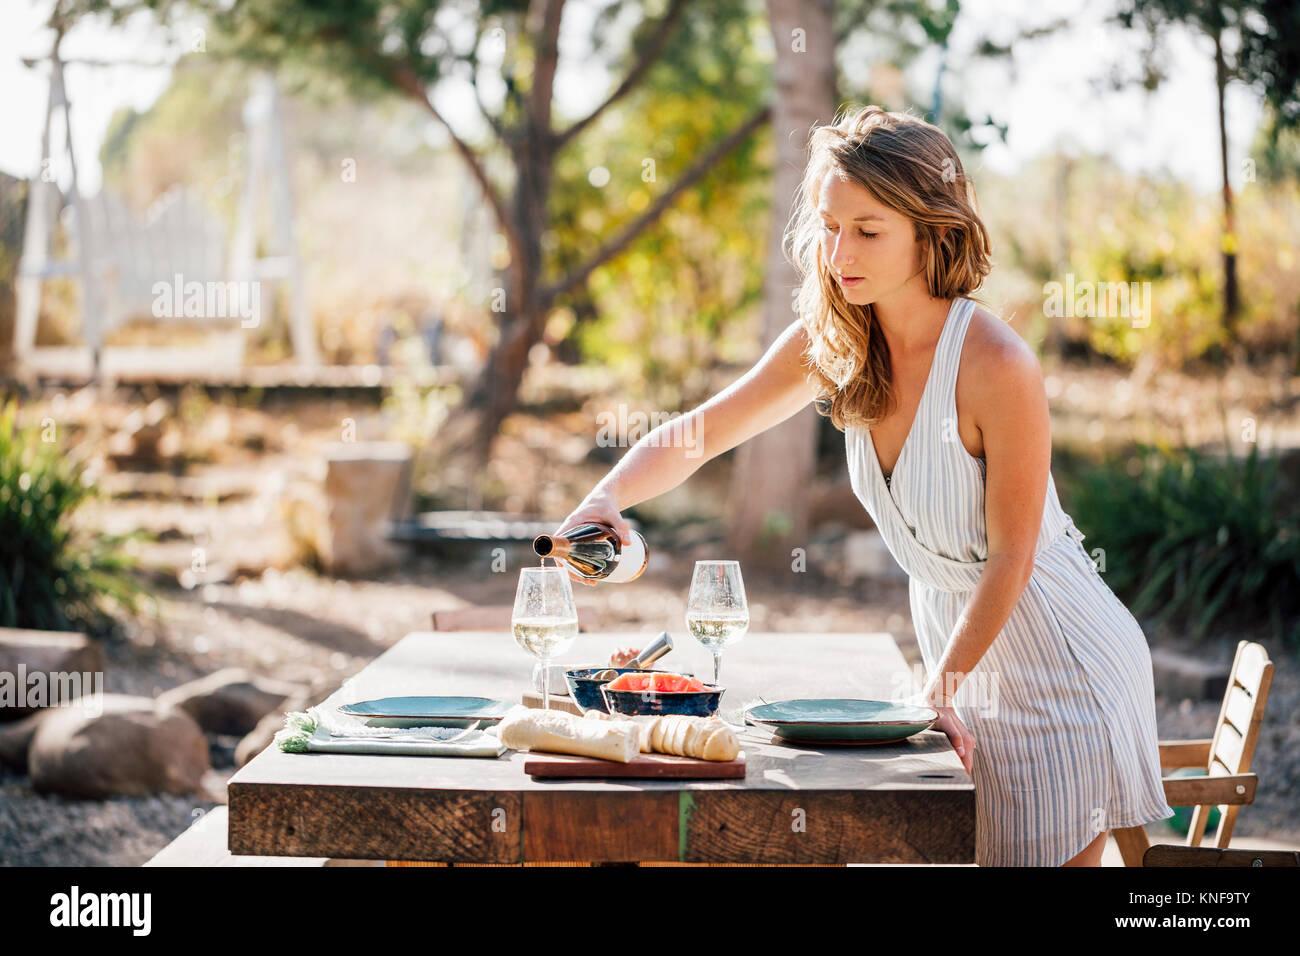 Mujer joven, al aire libre, preparar la mesa, servir vino Imagen De Stock